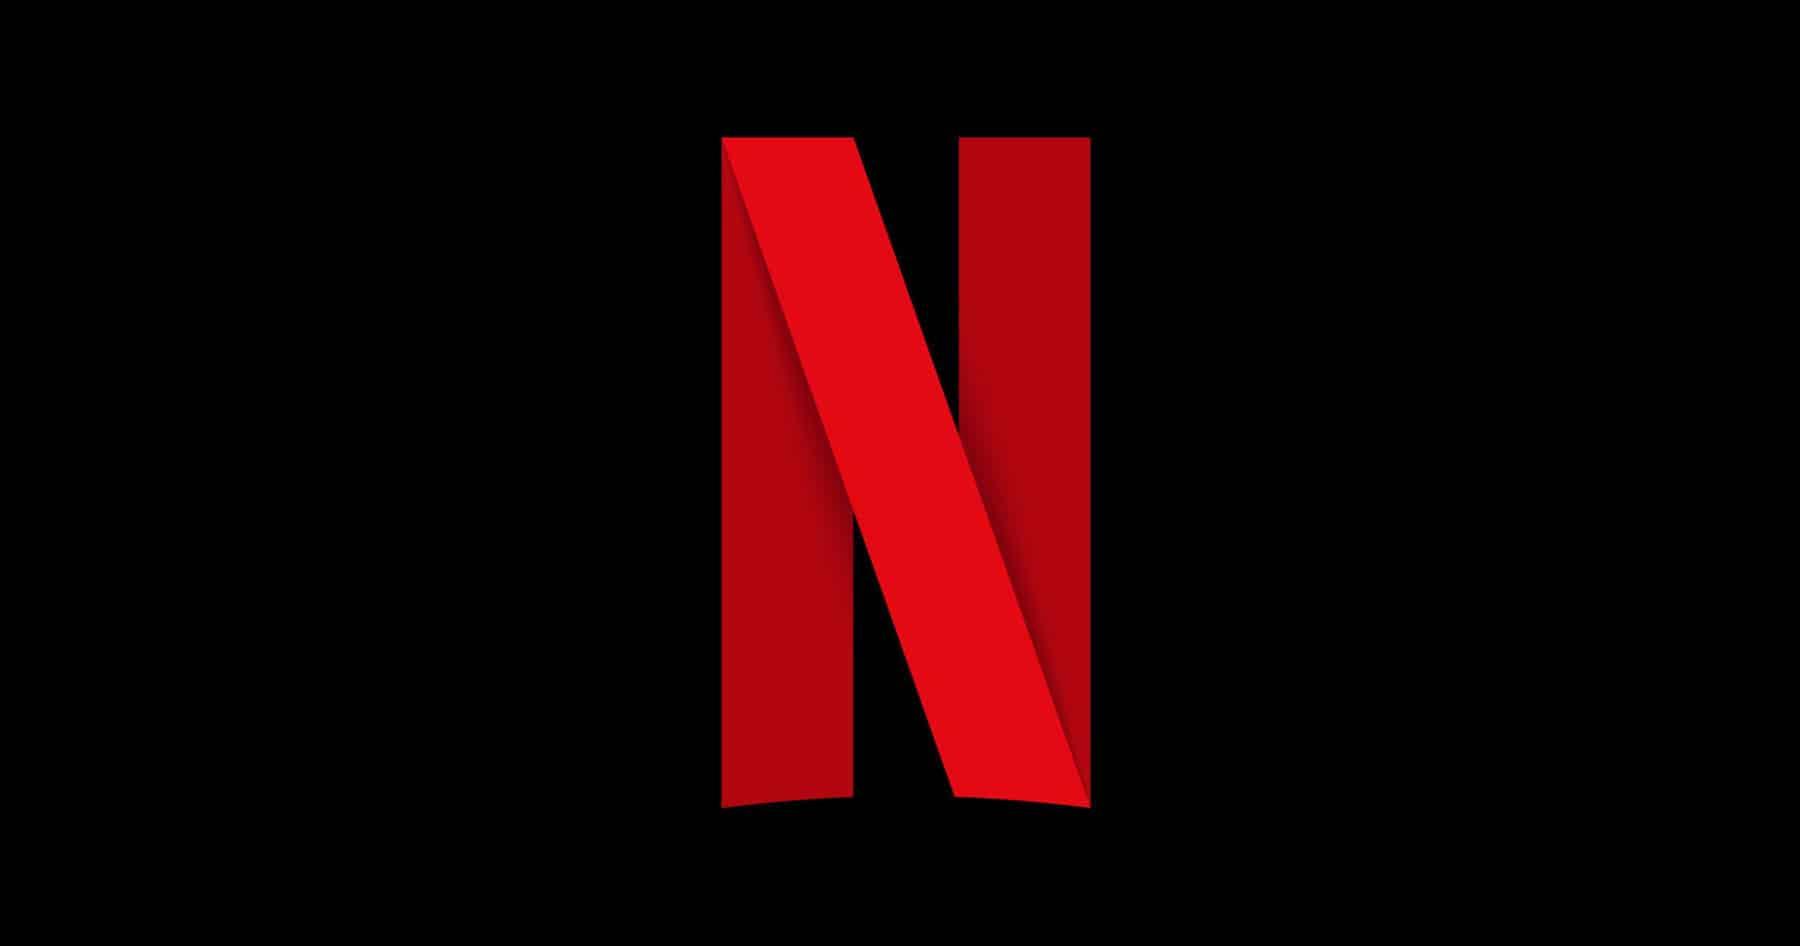 Netflix distribuirá en mercado internacional las series Snowpiercer y Dirty John de TNT y Bravo, respectivamente.